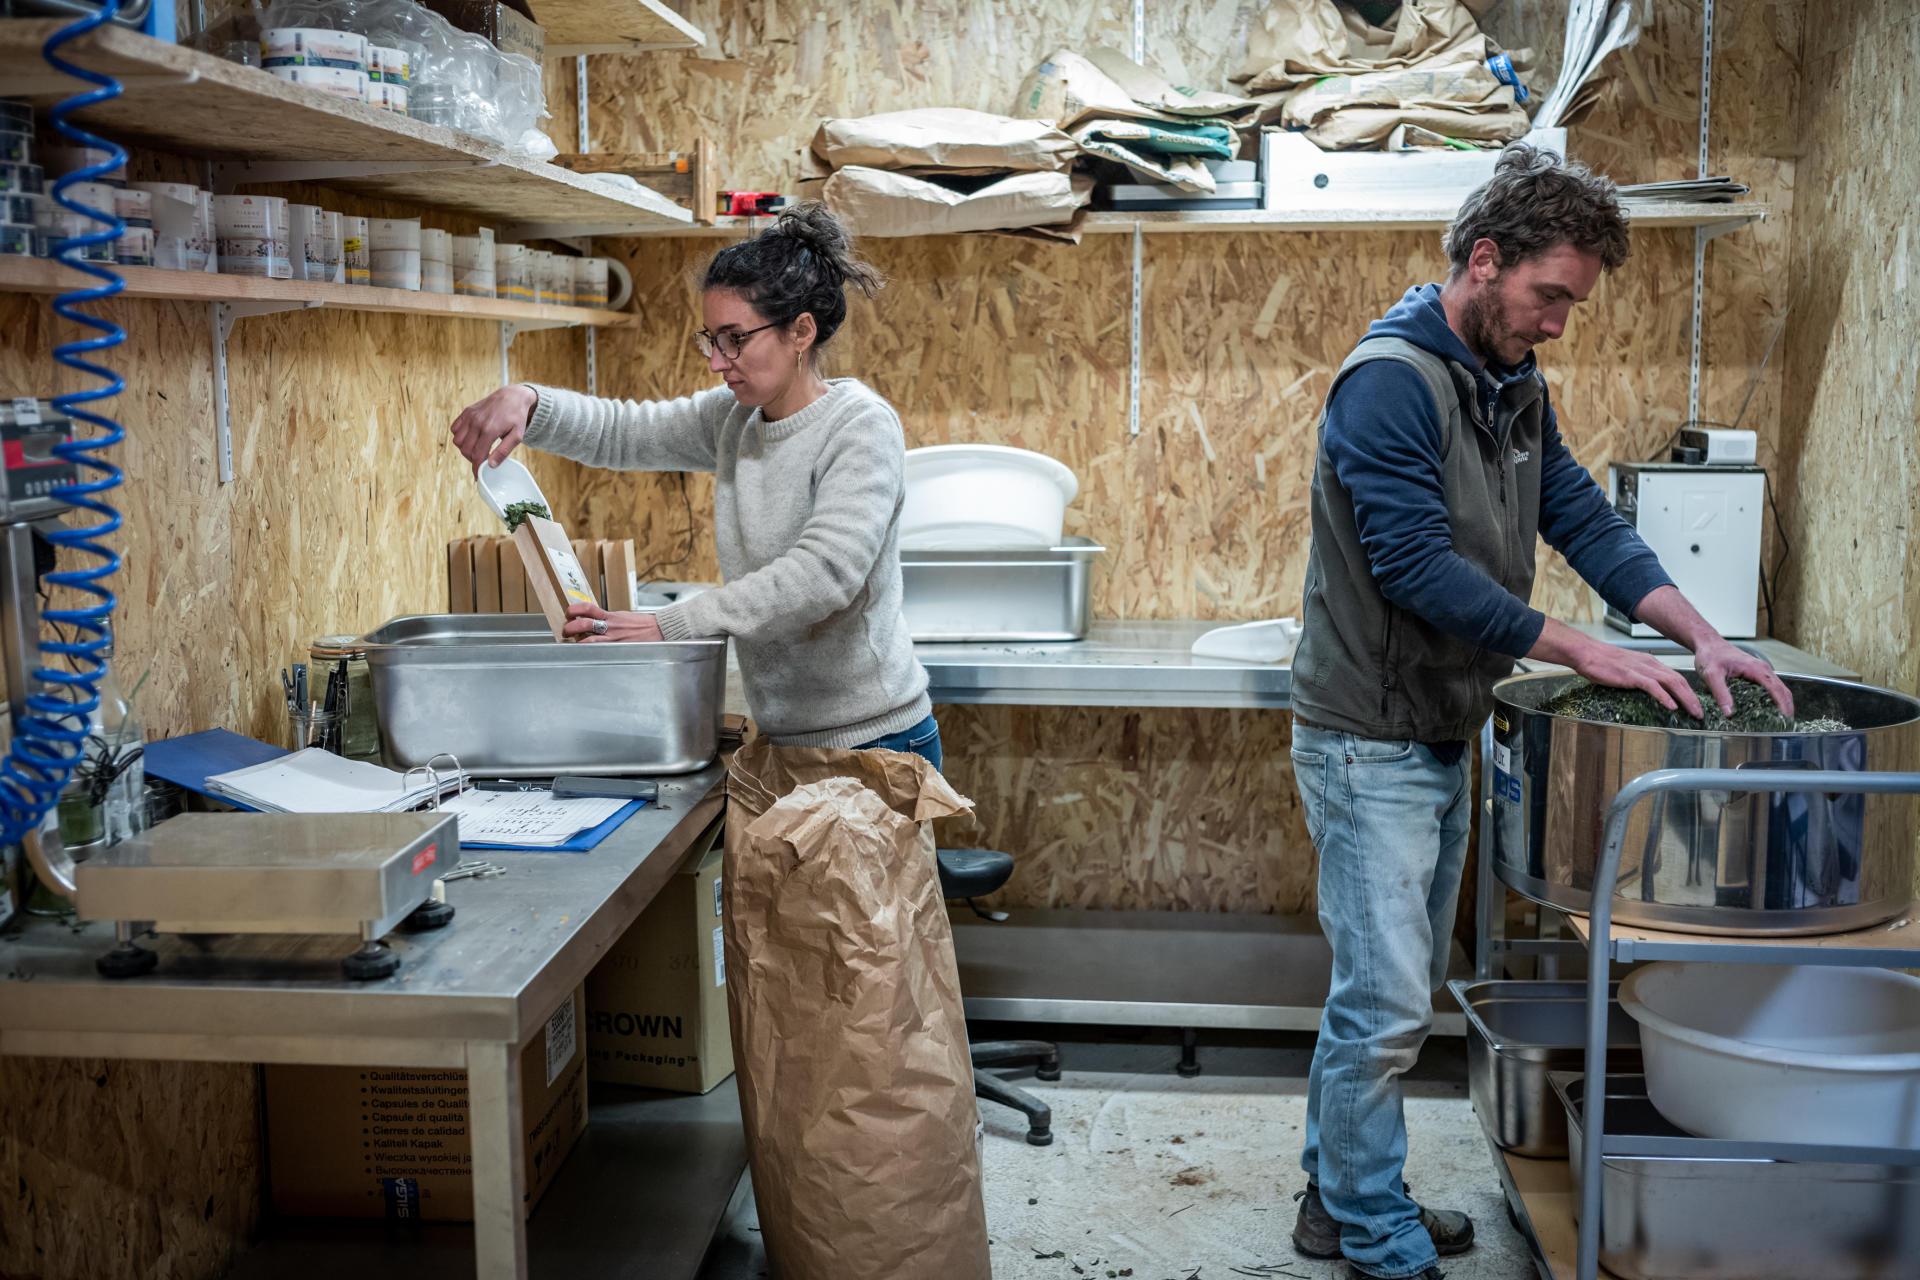 Marion et Romain conditionnent le mélange de plantes aromatiques à la Ferme des Homs (Aveyron).